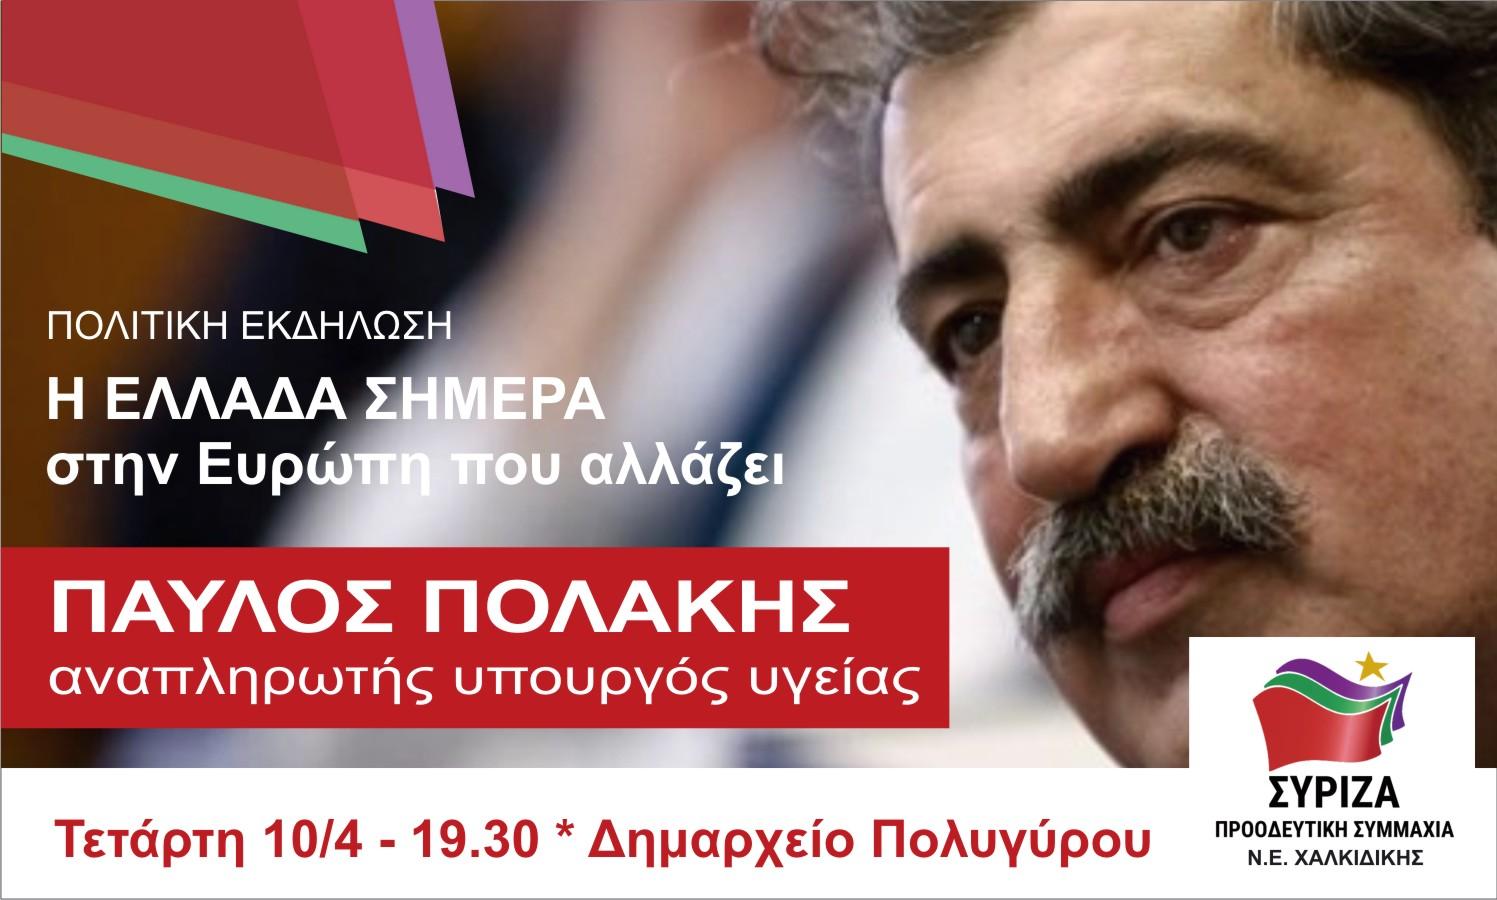 Εκδήλωση του ΣΥΡΙΖΑ Χαλκιδικής με ομιλητή τον Παύλο Πολάκη – Τετάρτη 10/4 στον Πολύγυρο